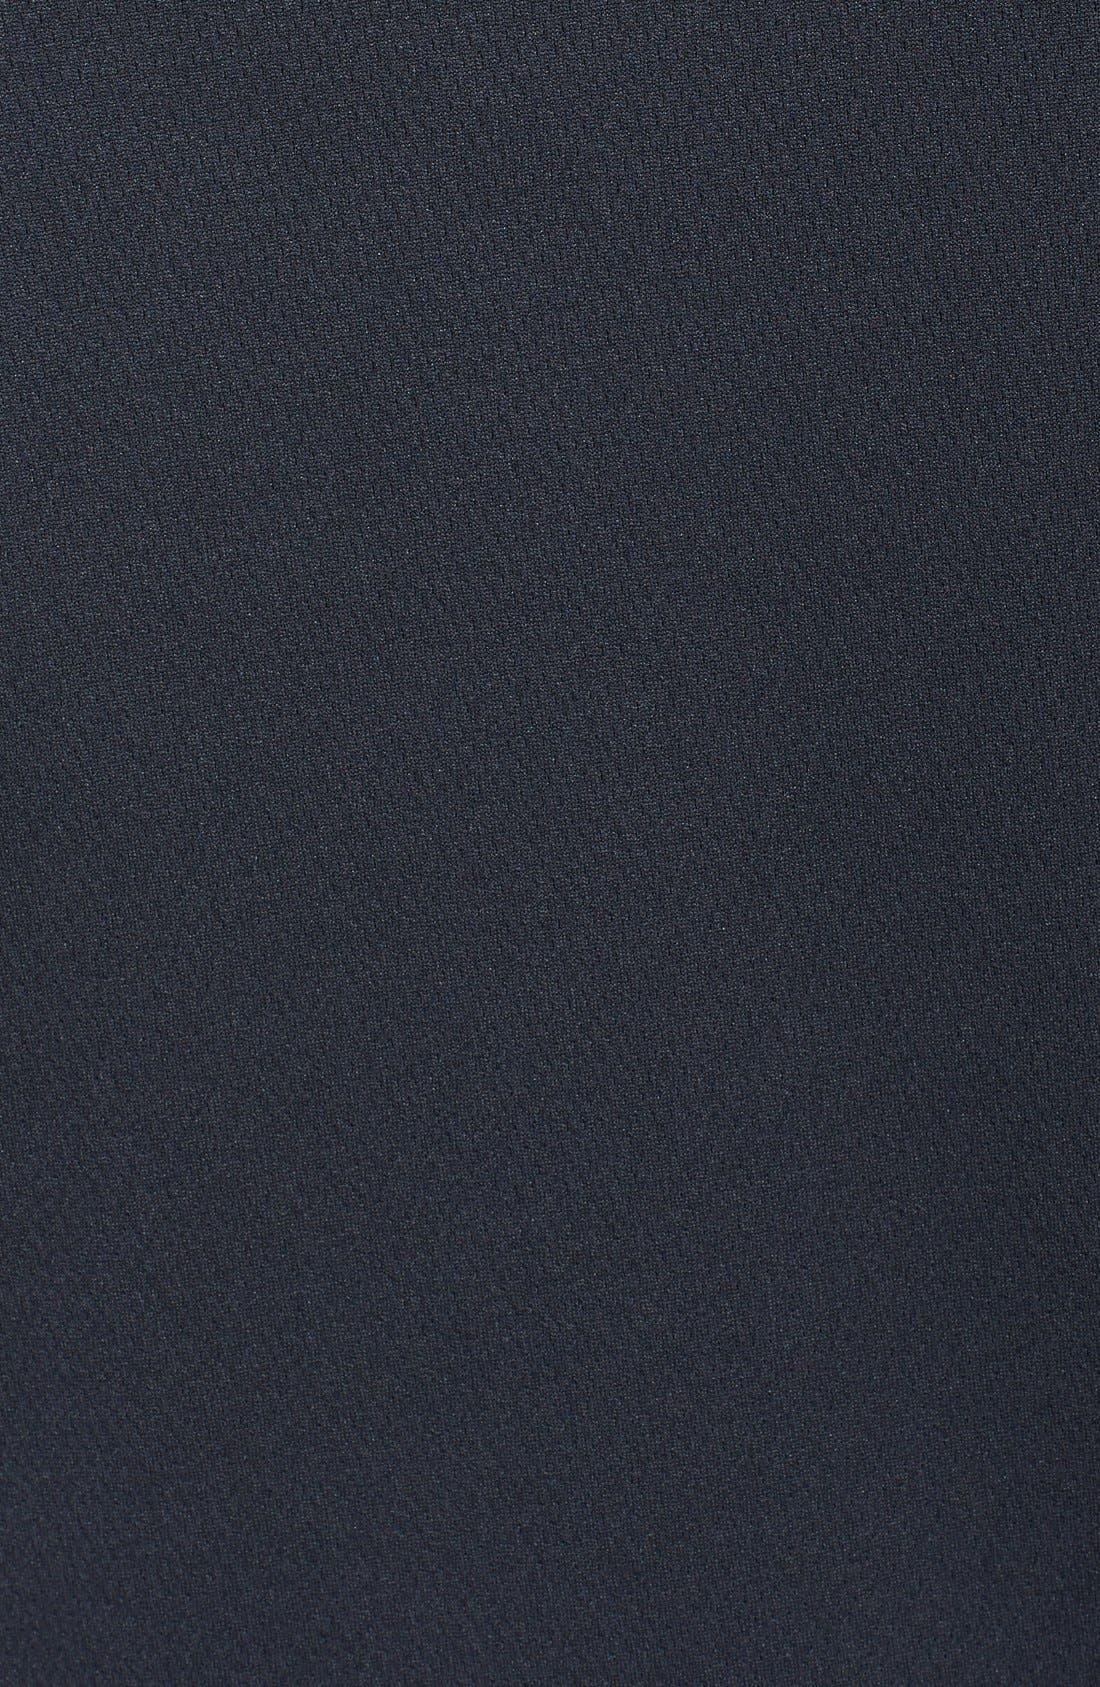 Philadelphia Eagles - Edge DryTec Moisture Wicking Half Zip Pullover,                             Alternate thumbnail 3, color,                             Black